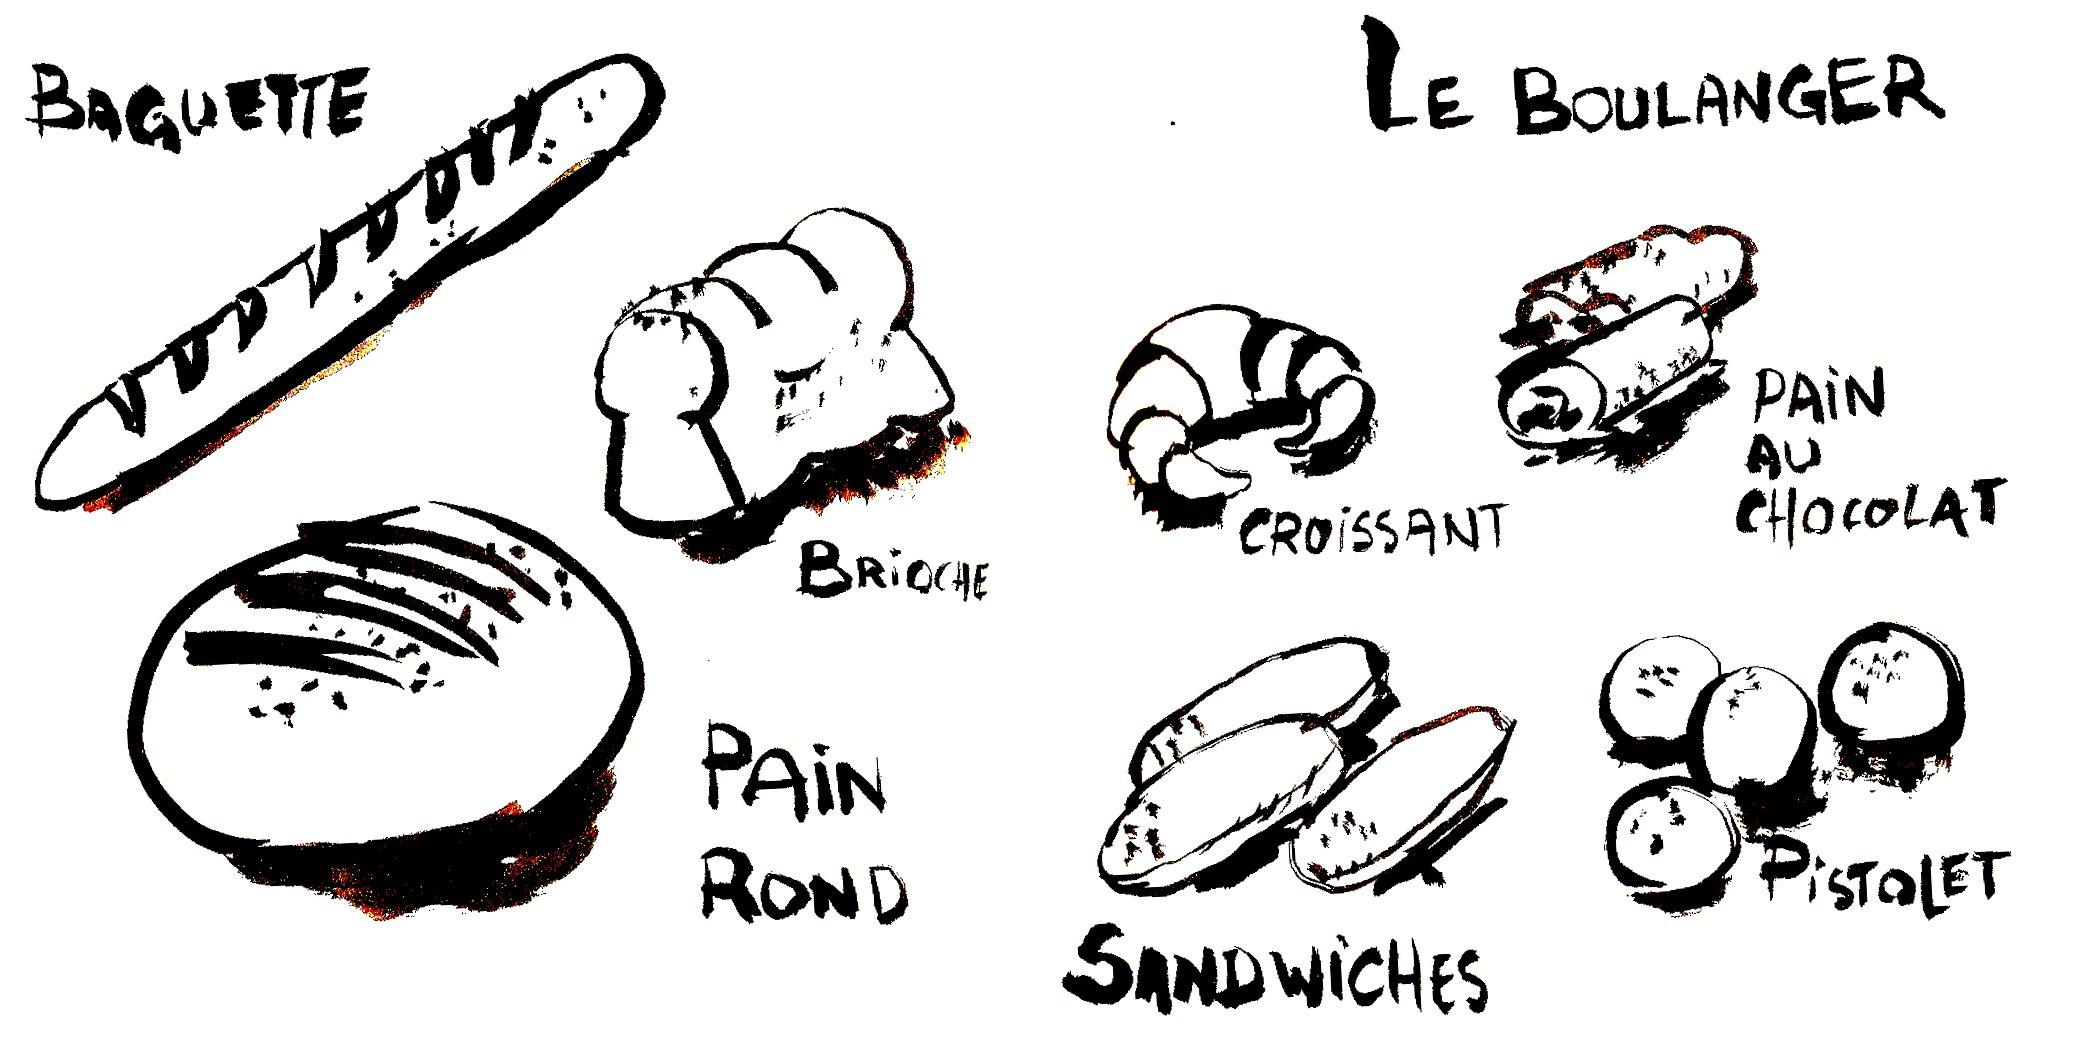 Dessin Boulangerie a la boulangerie